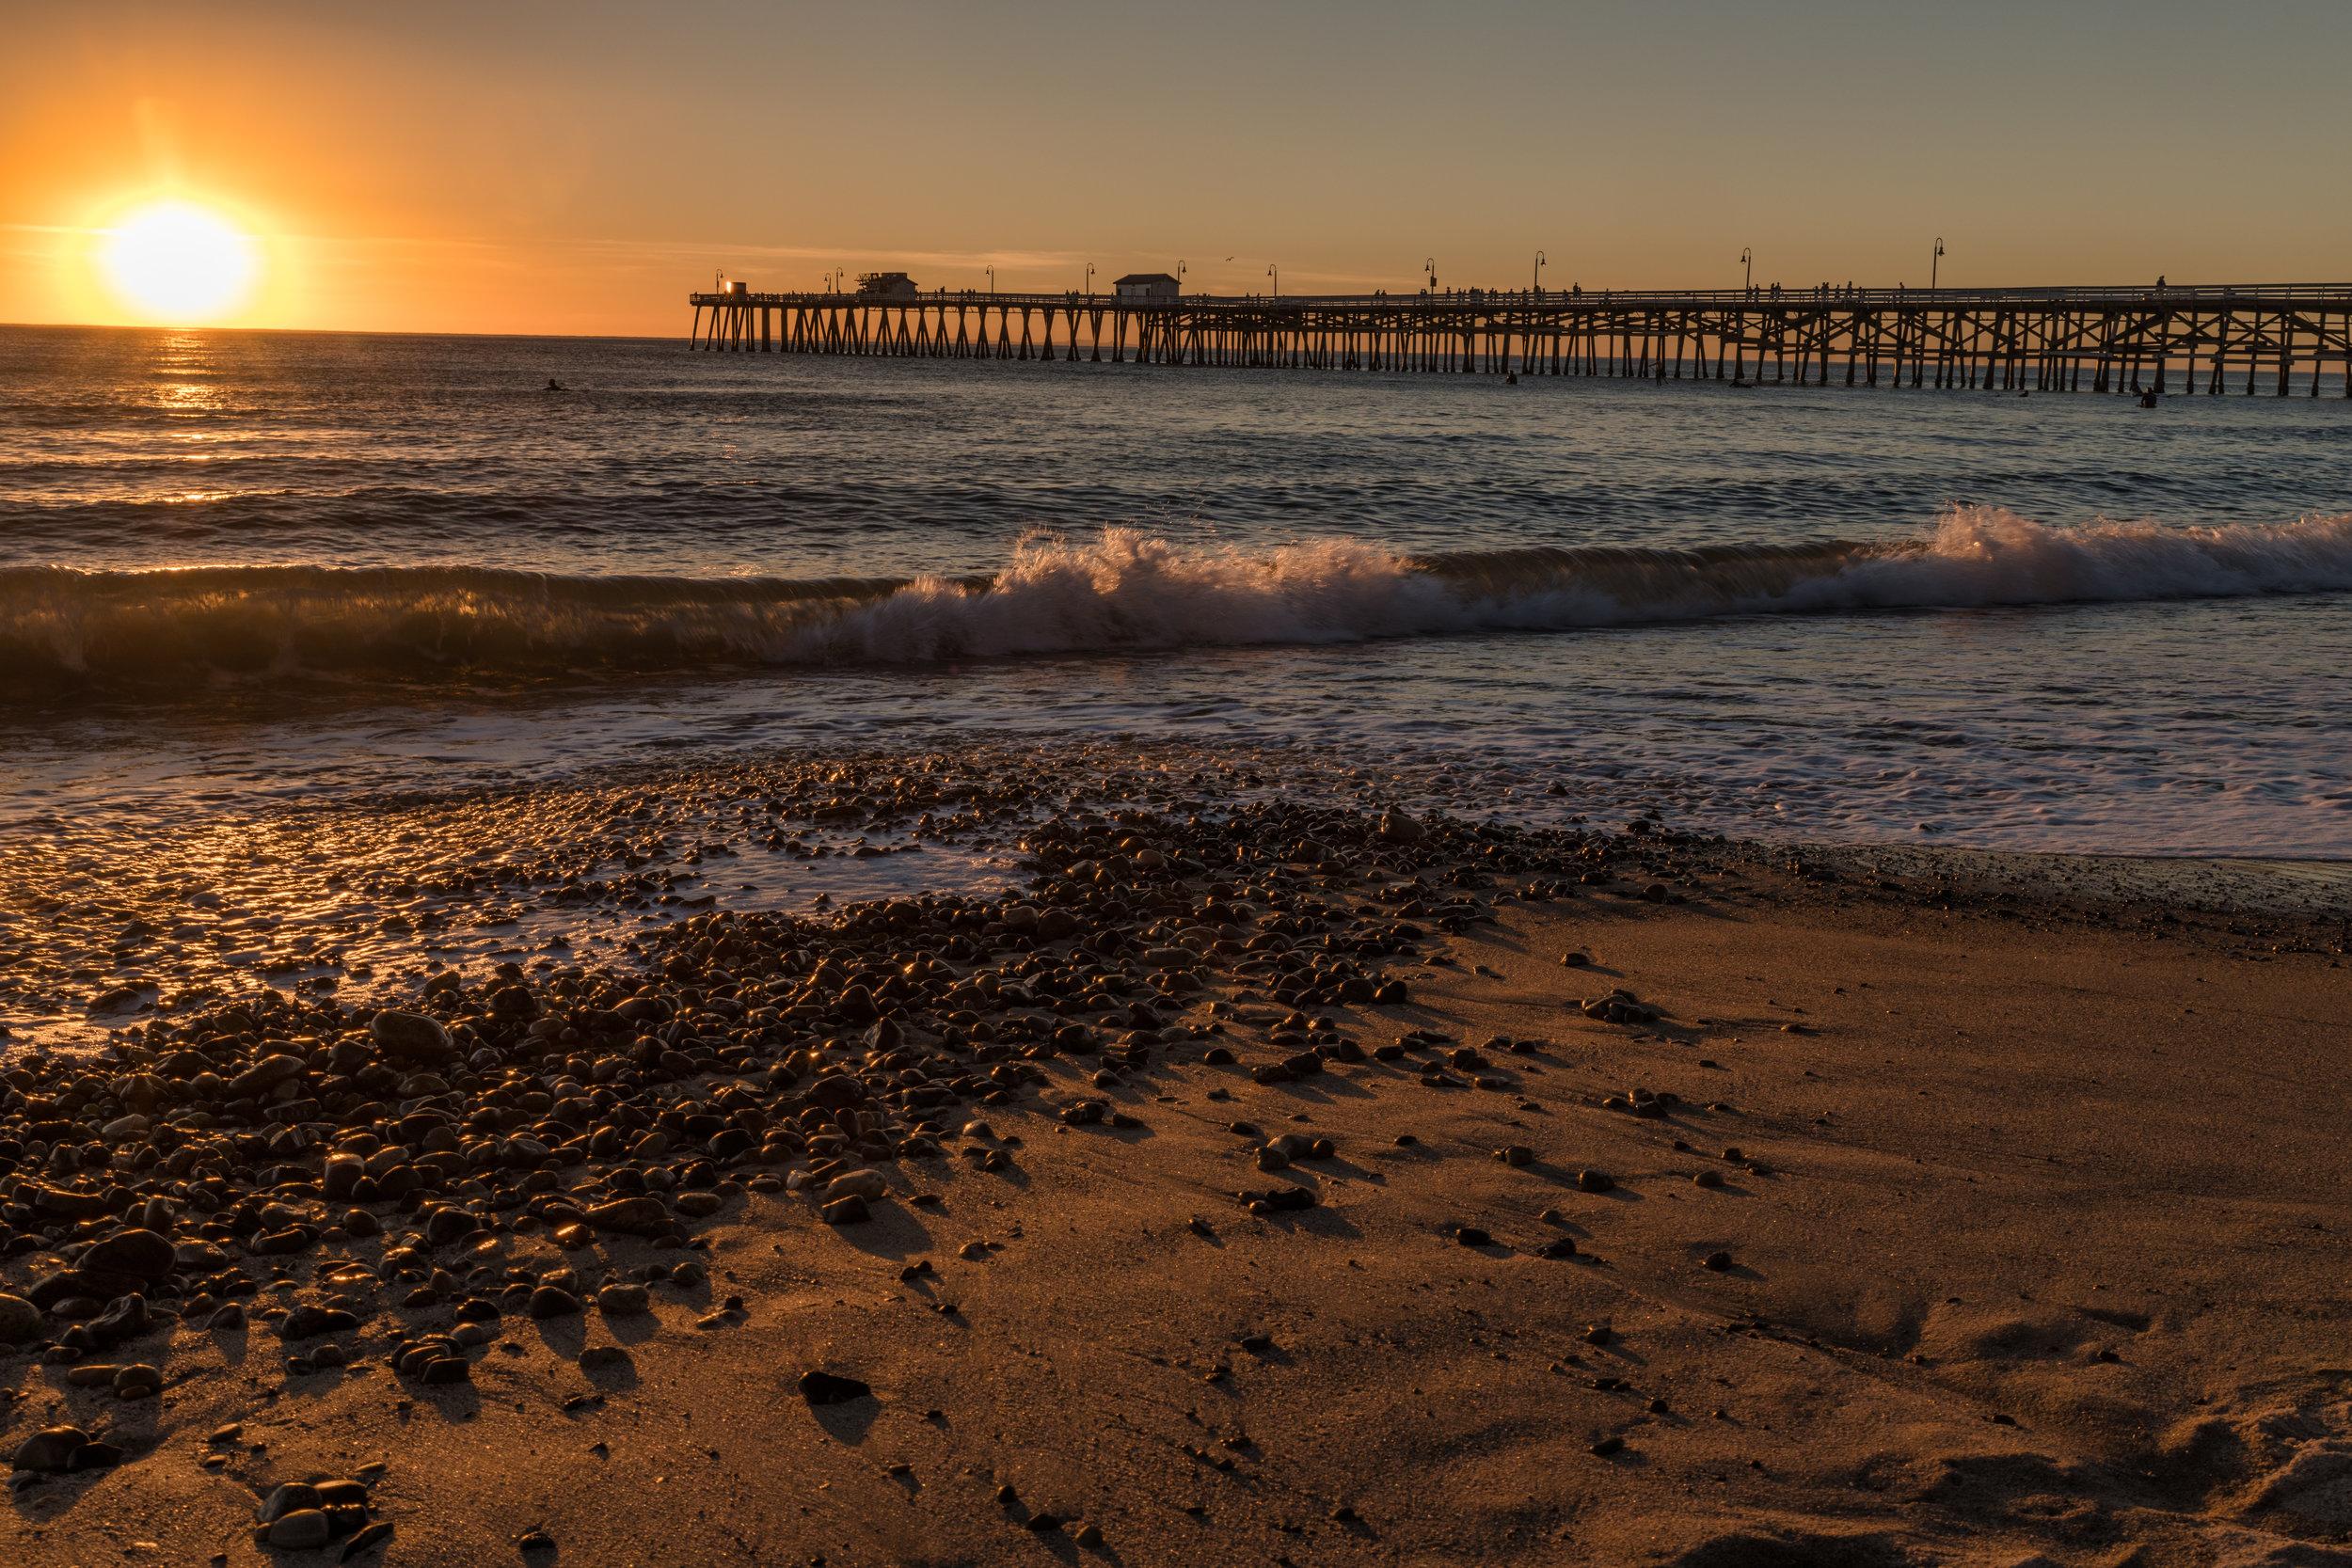 Shoreline of San Clemente Beach